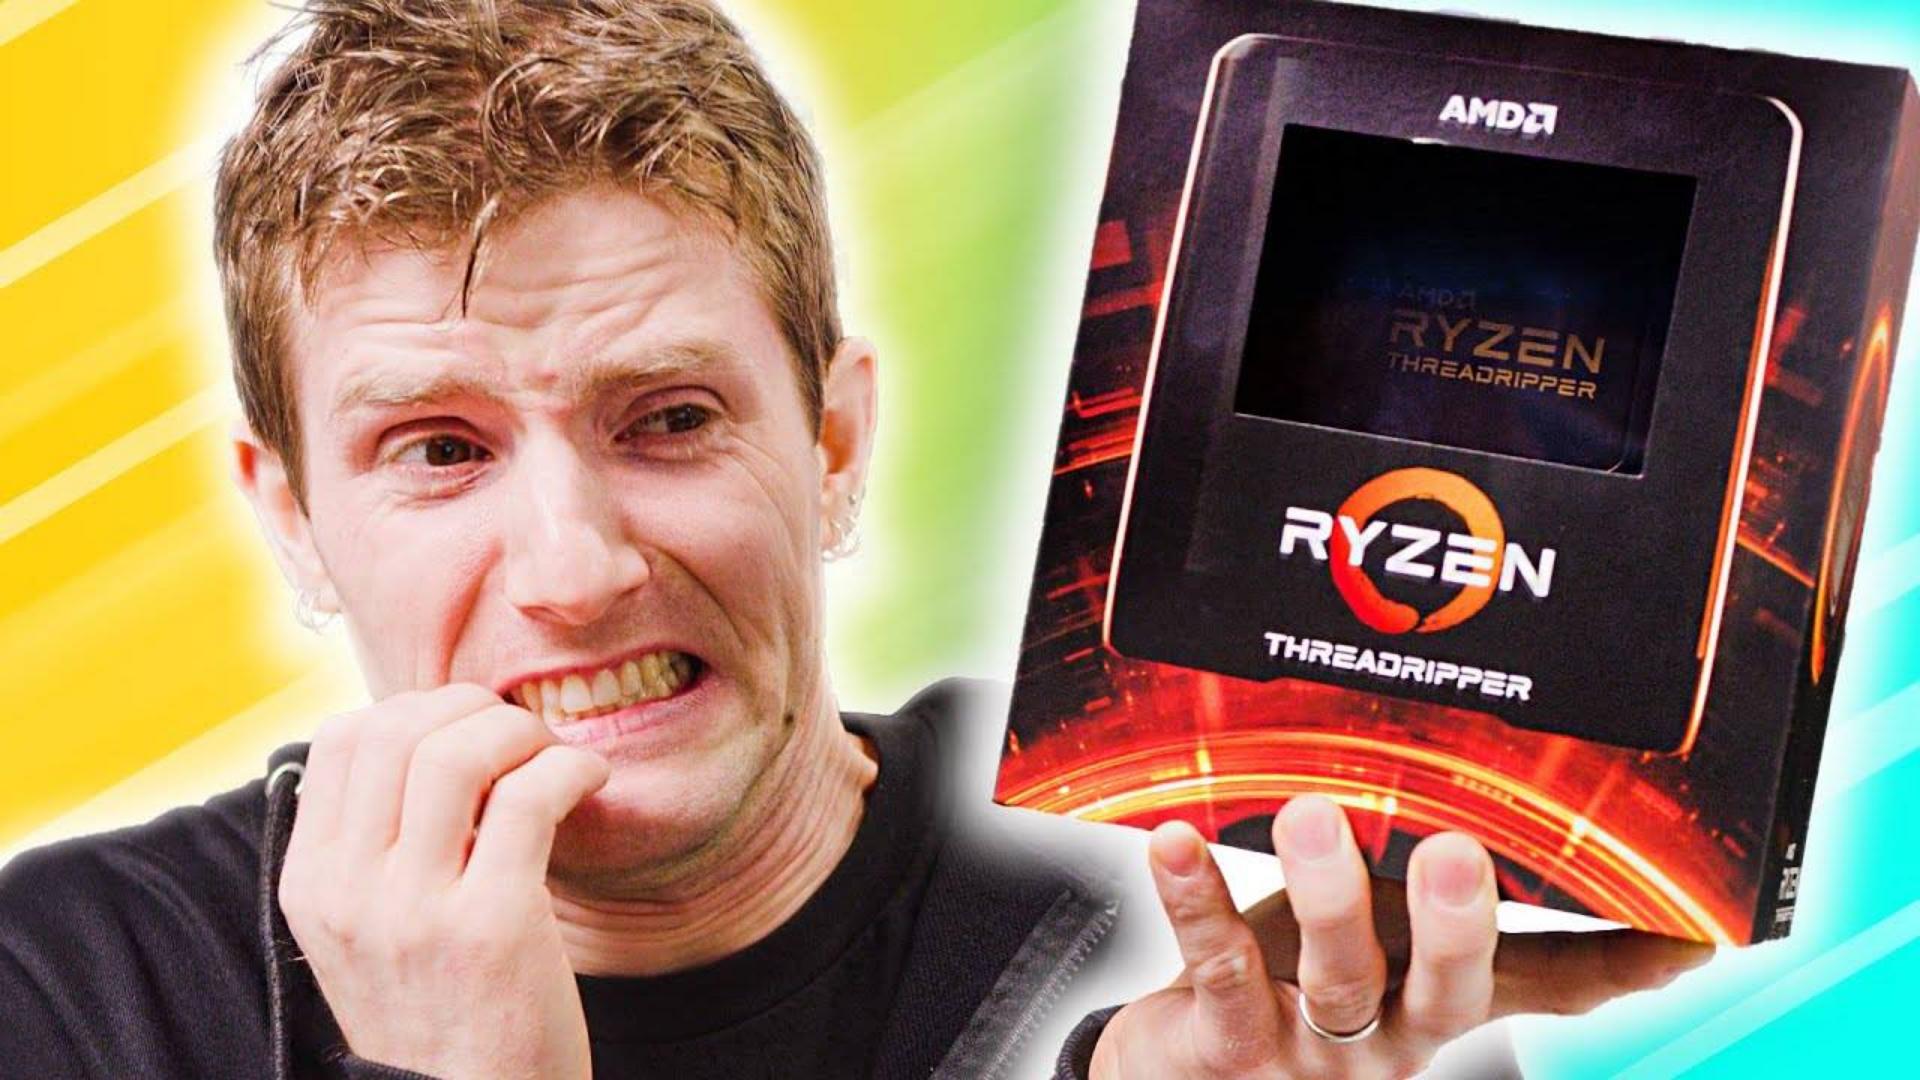 【官方双语】不忍看,但挪不开眼 - 线程撕裂者3990X评测#linus谈科技